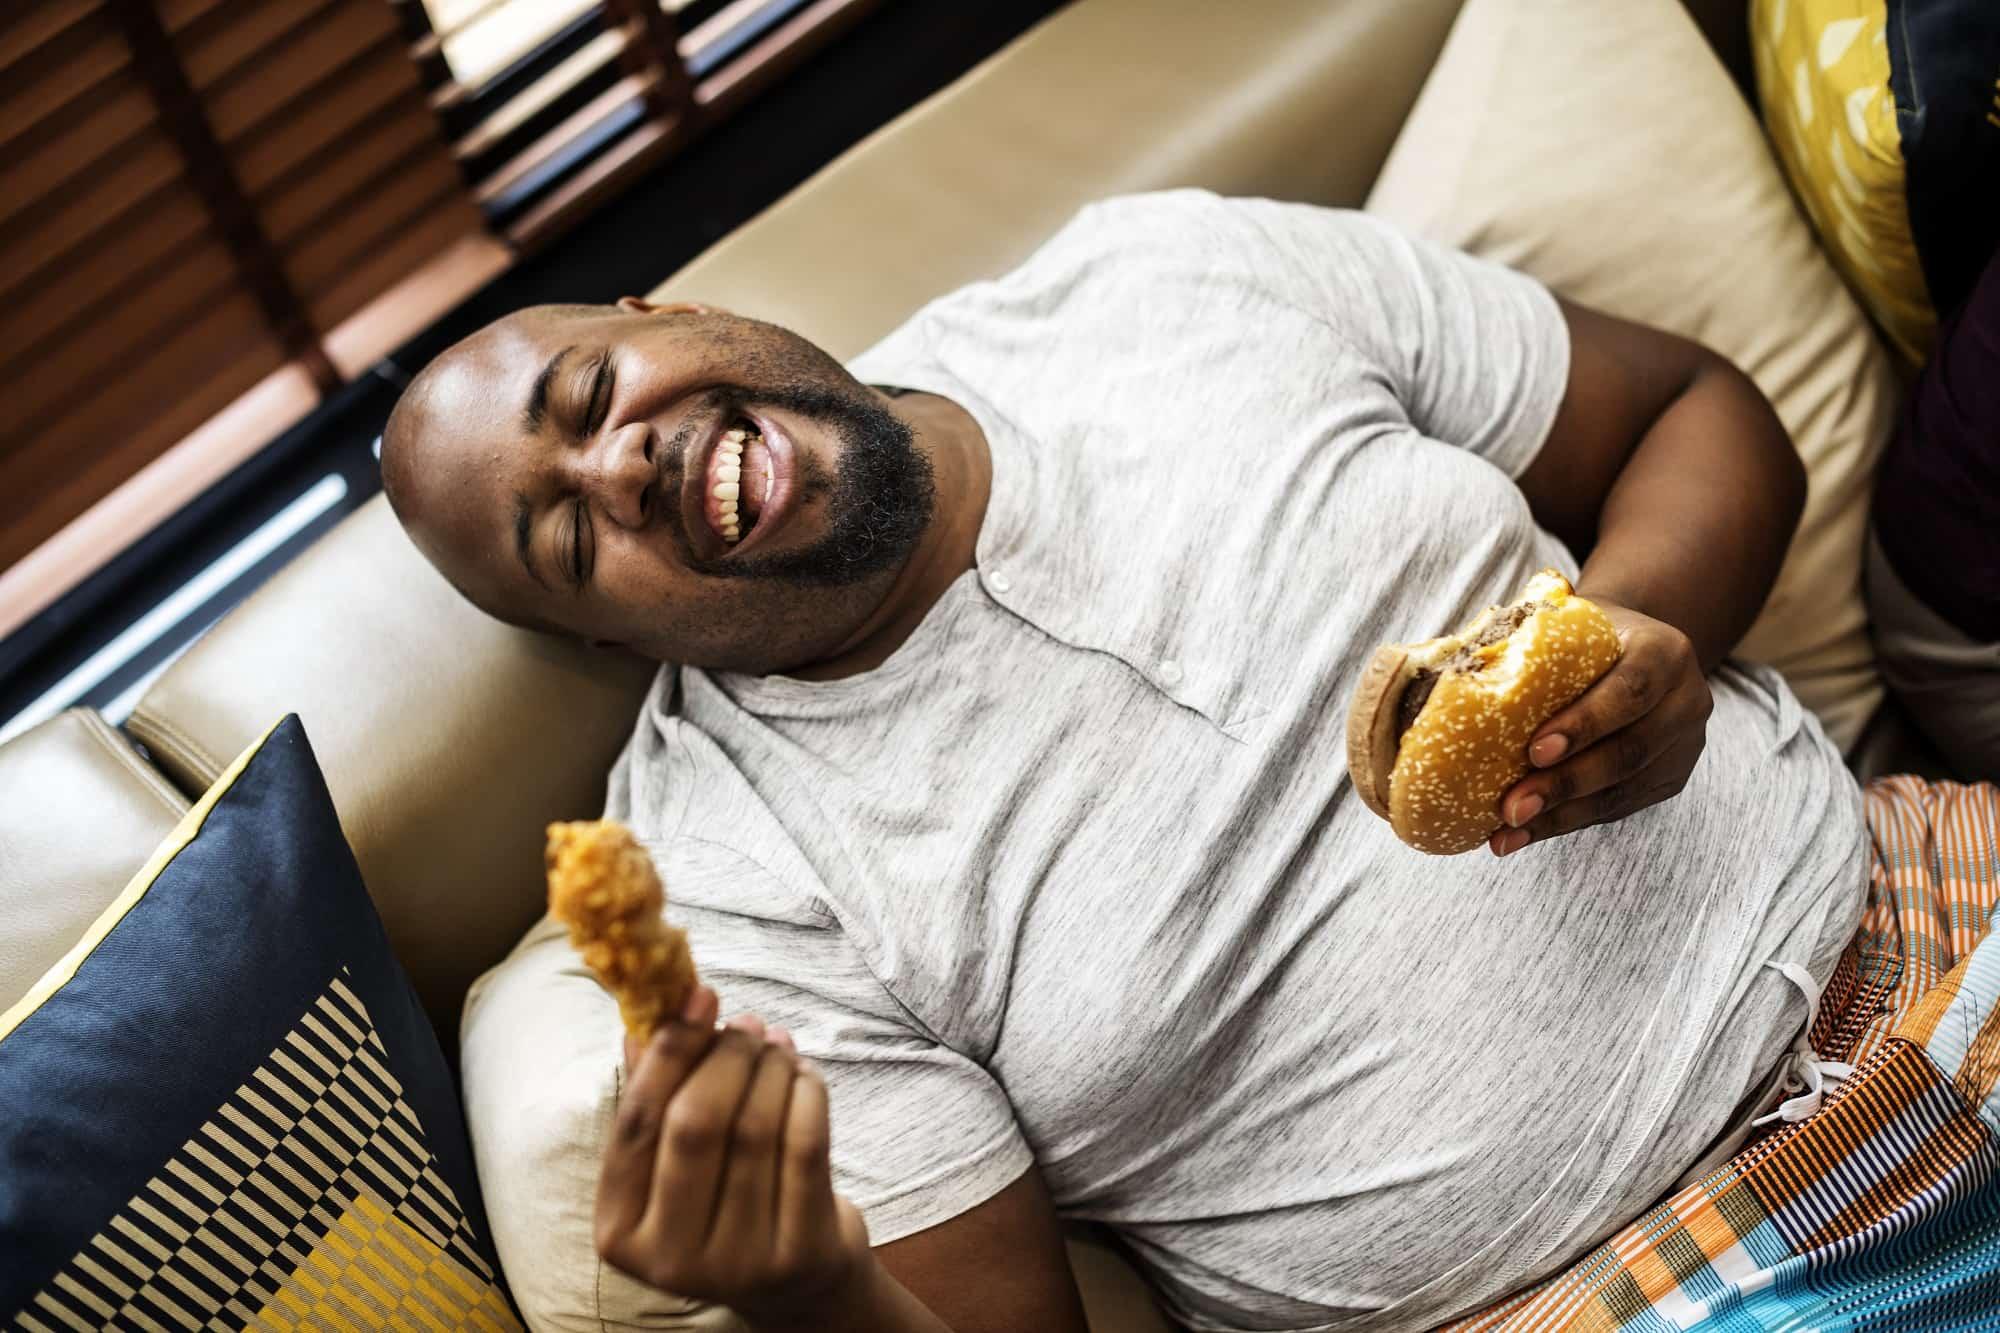 چرا وقتی شب خوب غذا خورده ایم صبح گرسنه تریم؟